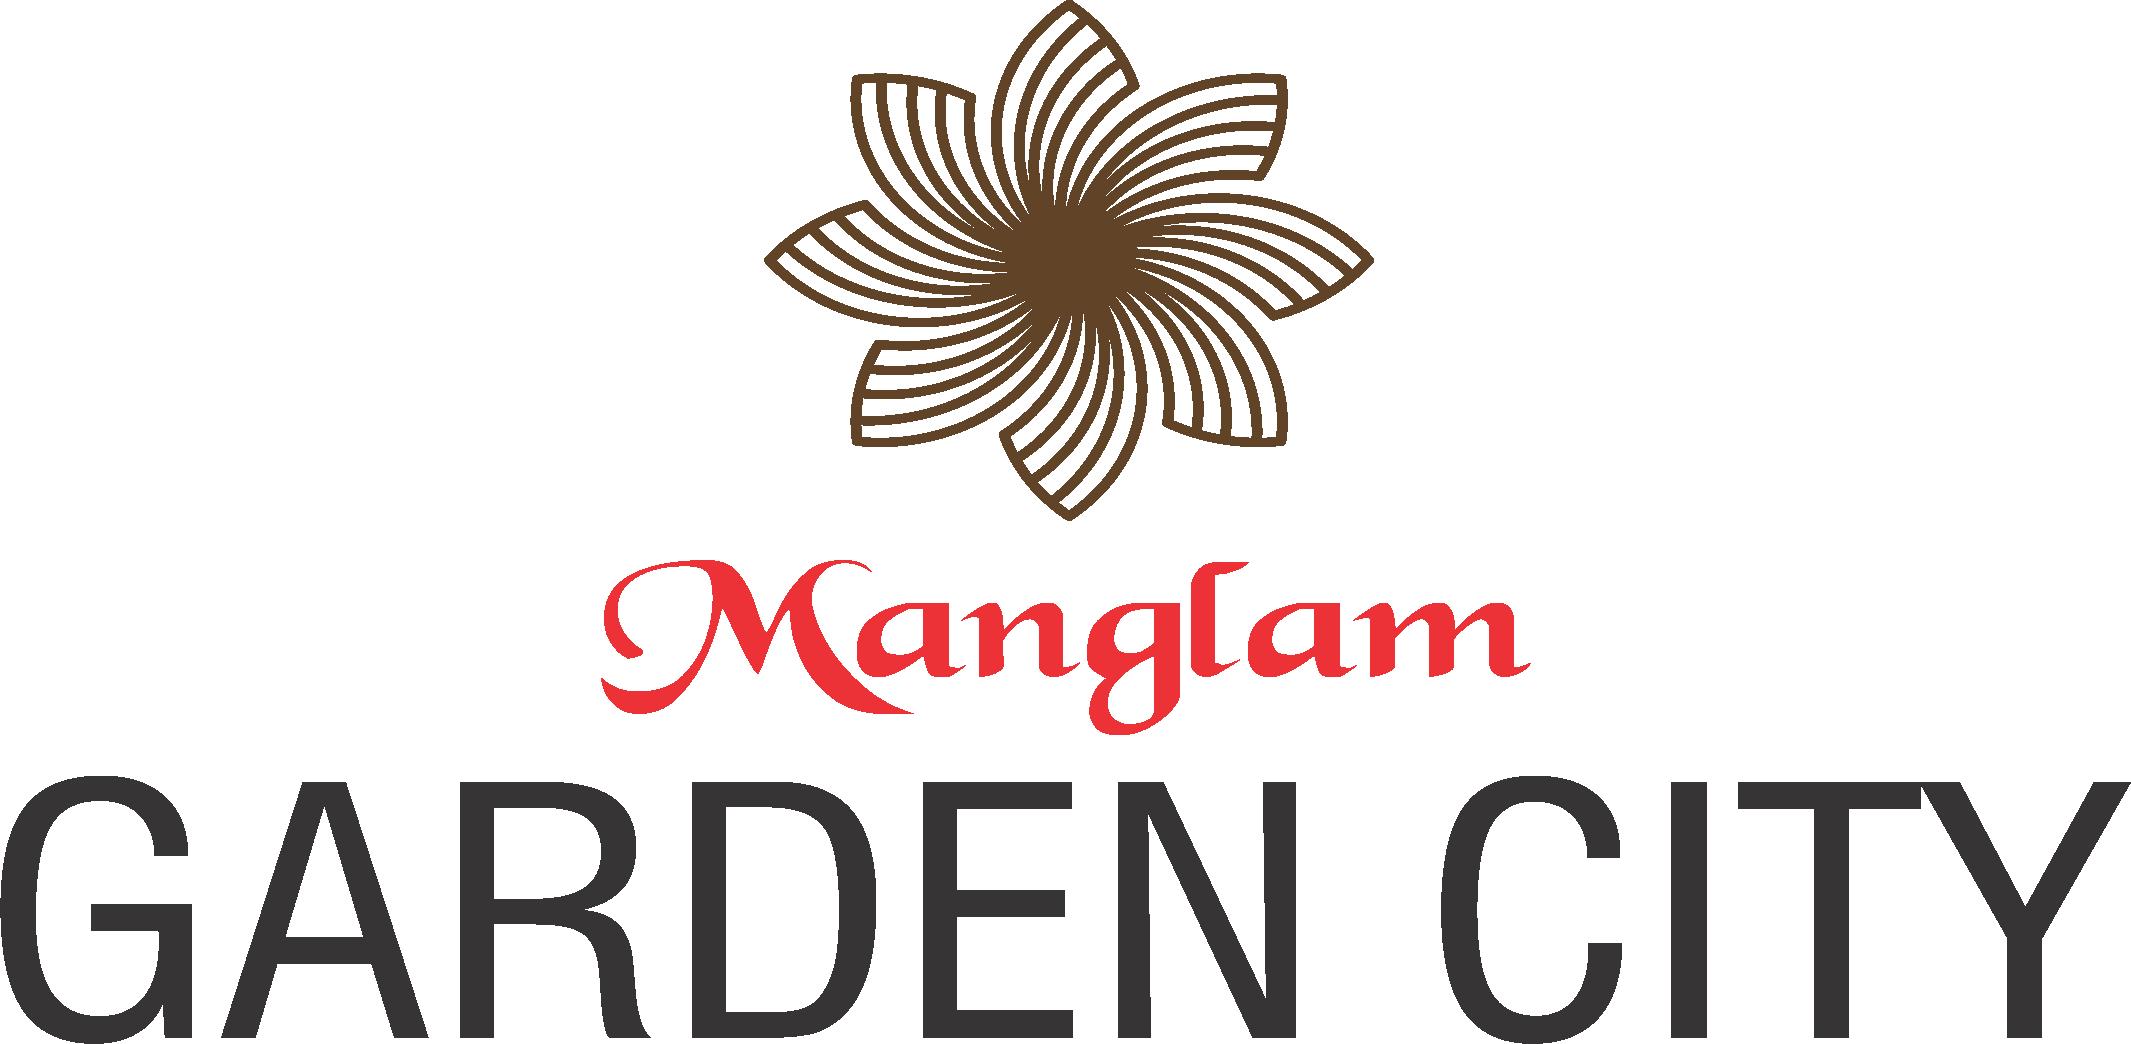 Manglam Garden City logo